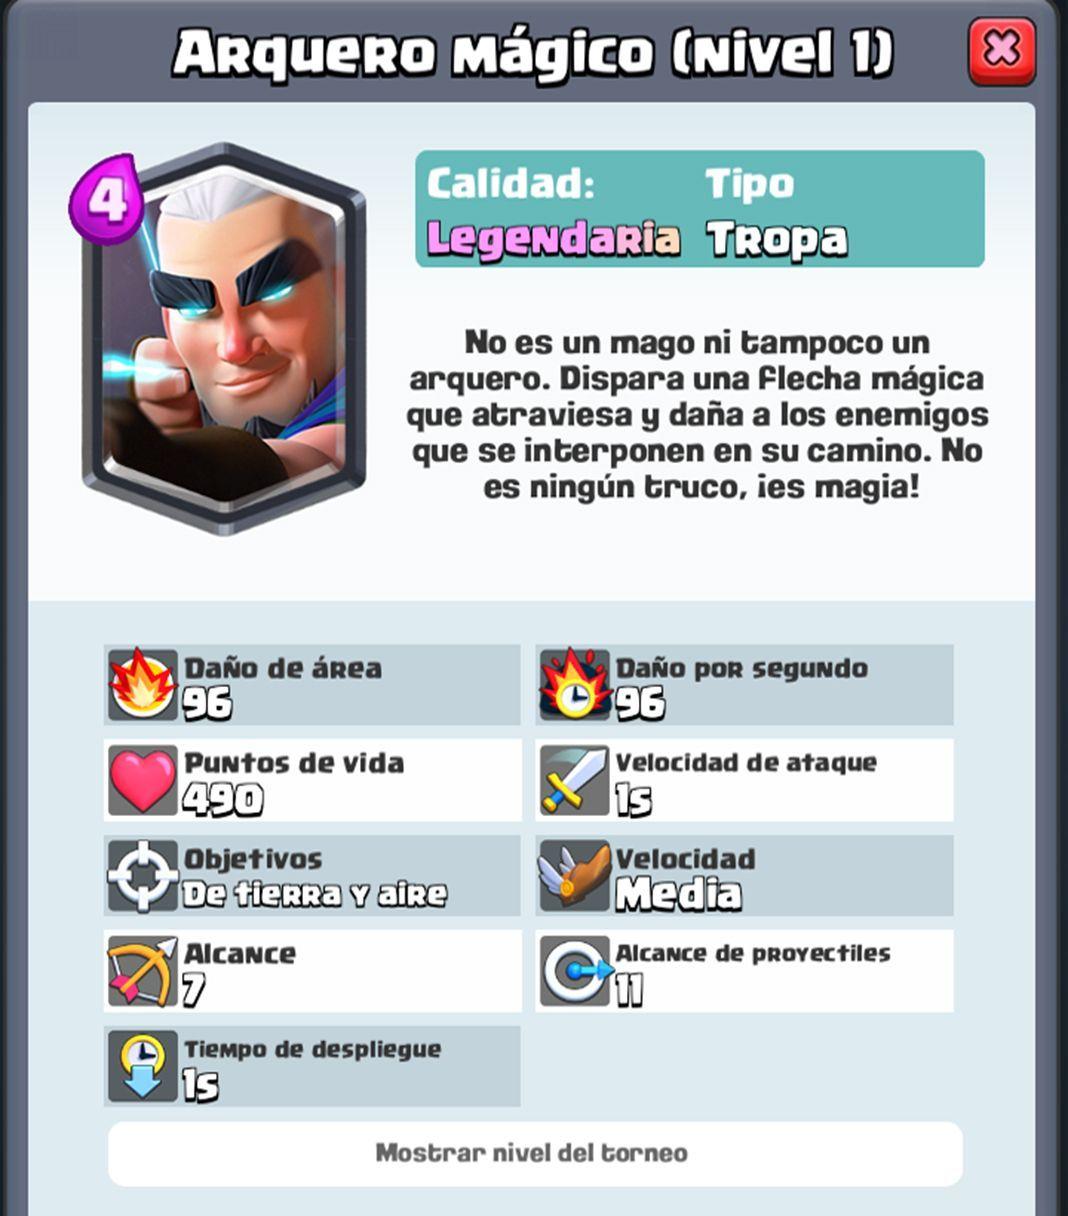 Clash Royale Arquero Magico